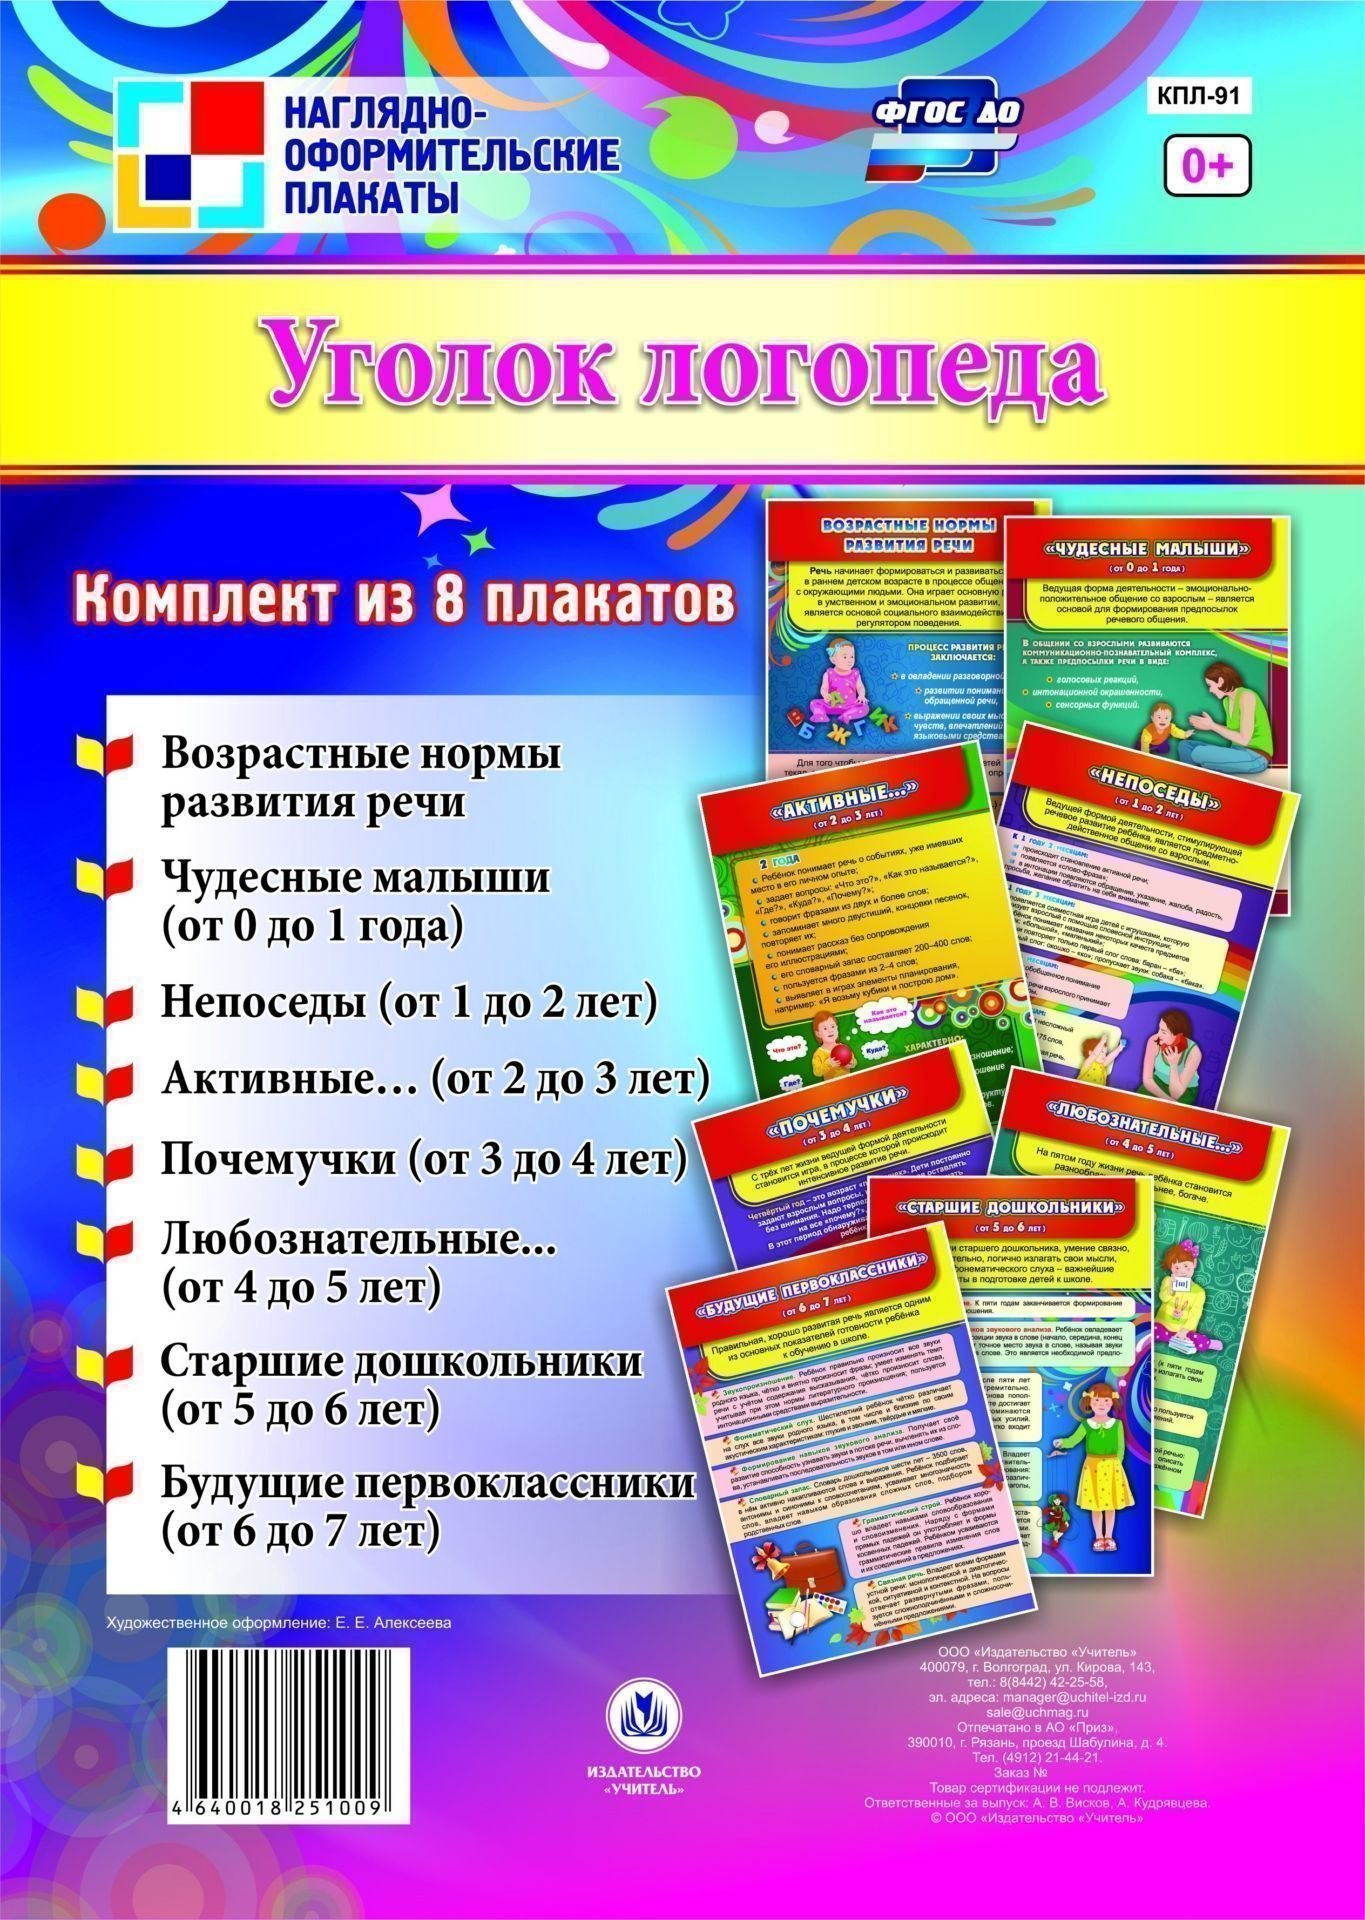 Комплект плакатов Уголок логопеда: 8 плакатовТематические плакаты<br>Формат: А4.<br><br>Год: 2017<br>Сери: Наглдно-оформительские плакаты<br>Высота: 290<br>Ширина: 205<br>Переплёт: набор